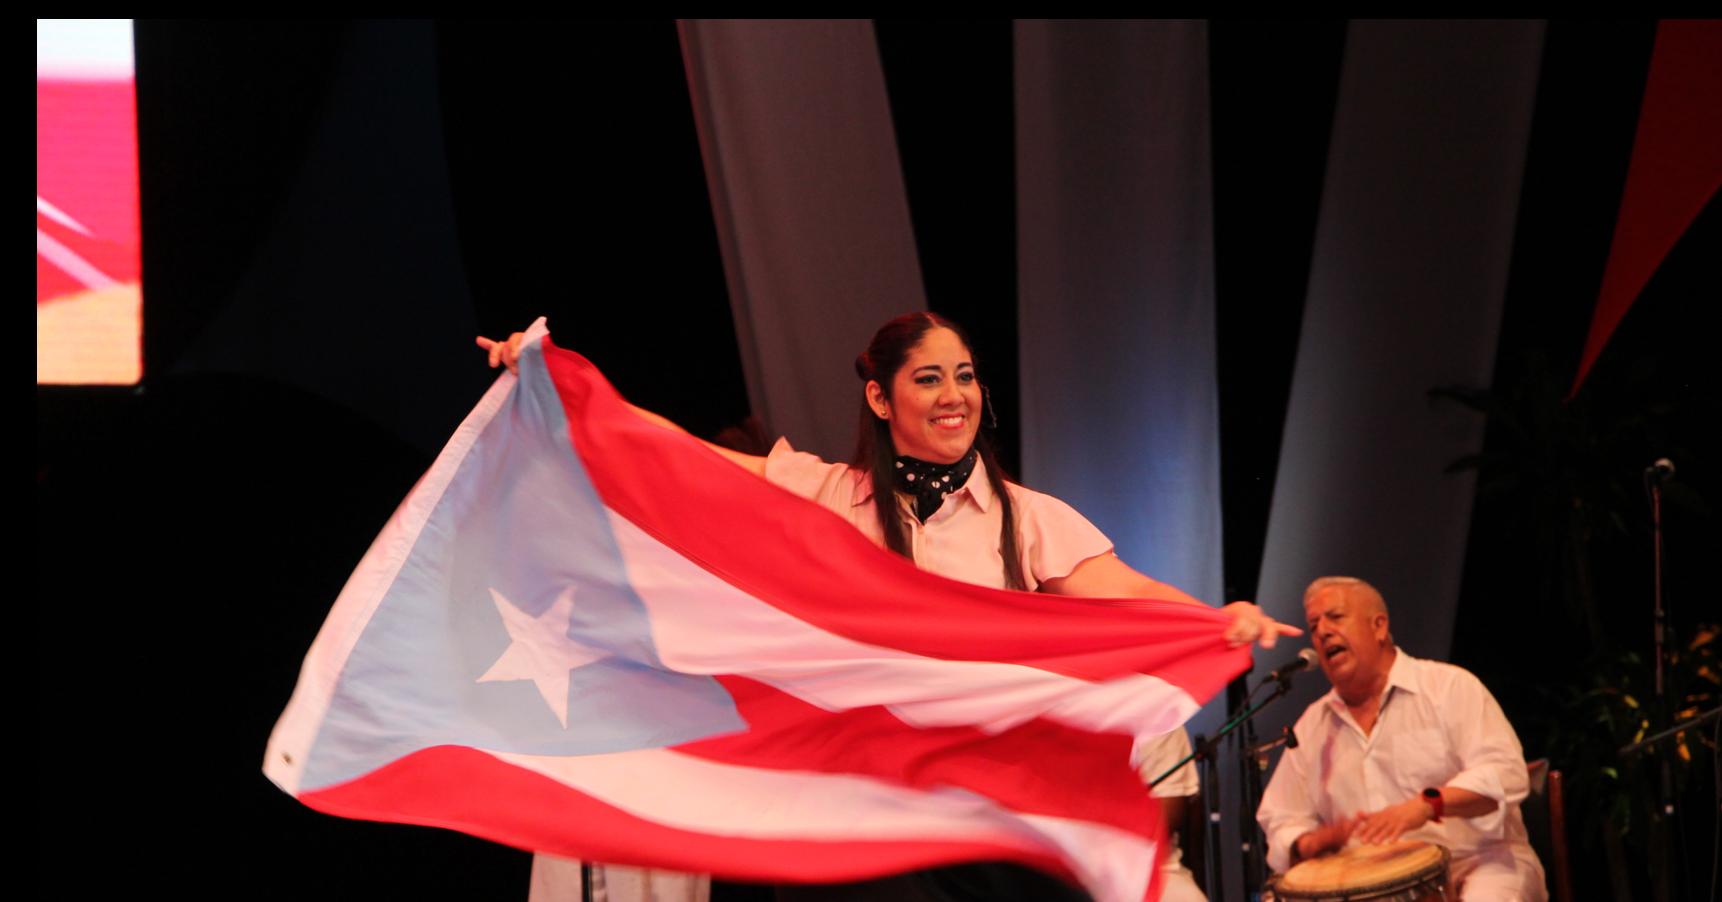 BANNER_EDITADO_Marien_bandera2